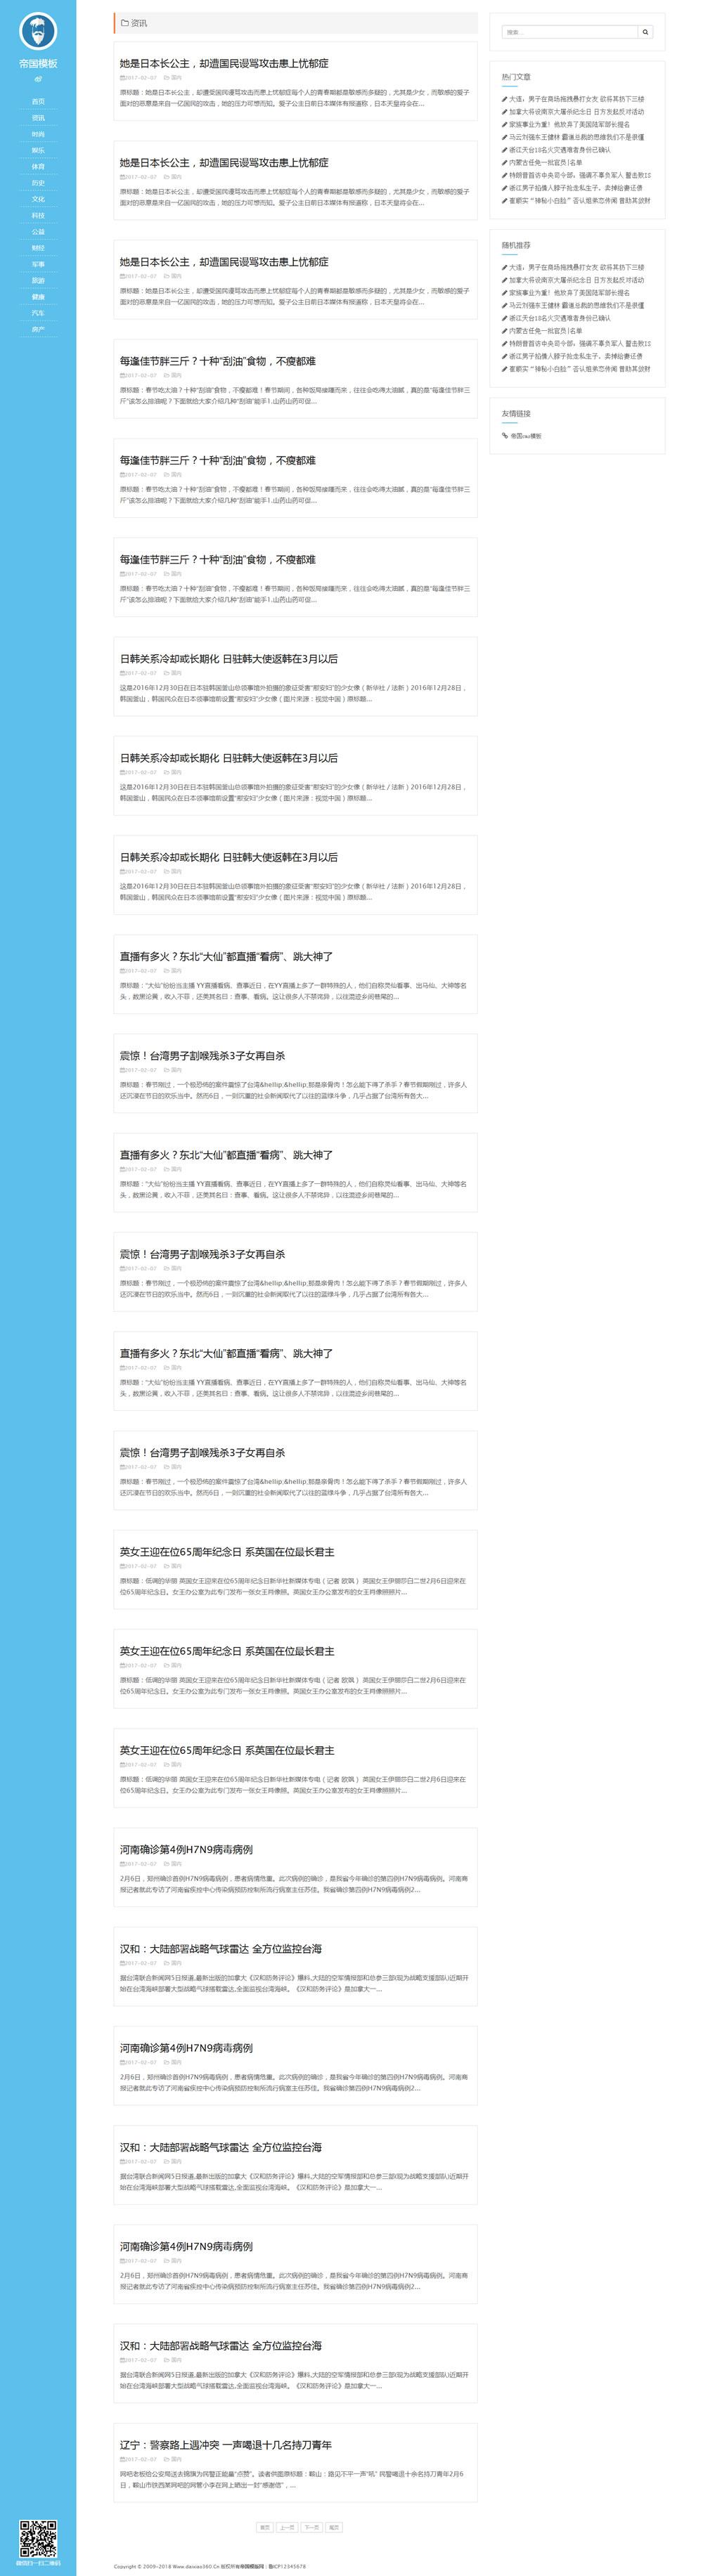 帝国cms全屏自适应手机版新闻文章资讯个人博客网站模板_列表页模板